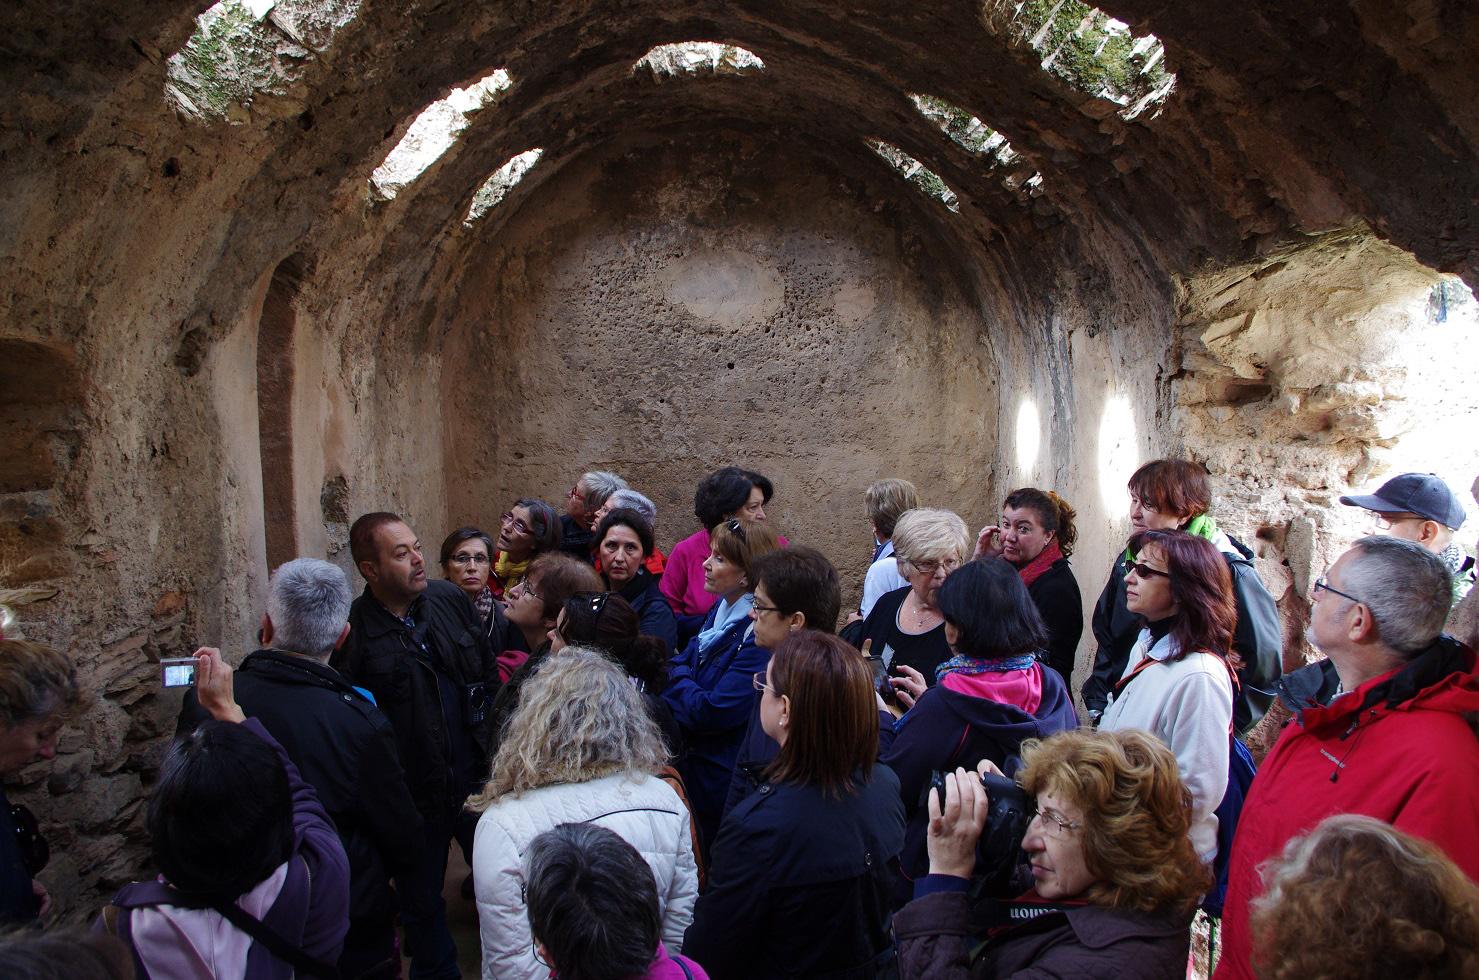 Grupo de visitantes en el interior de los Baños de la Reina (Celín. Dalías). © Fotografía: José Ángel Fernández